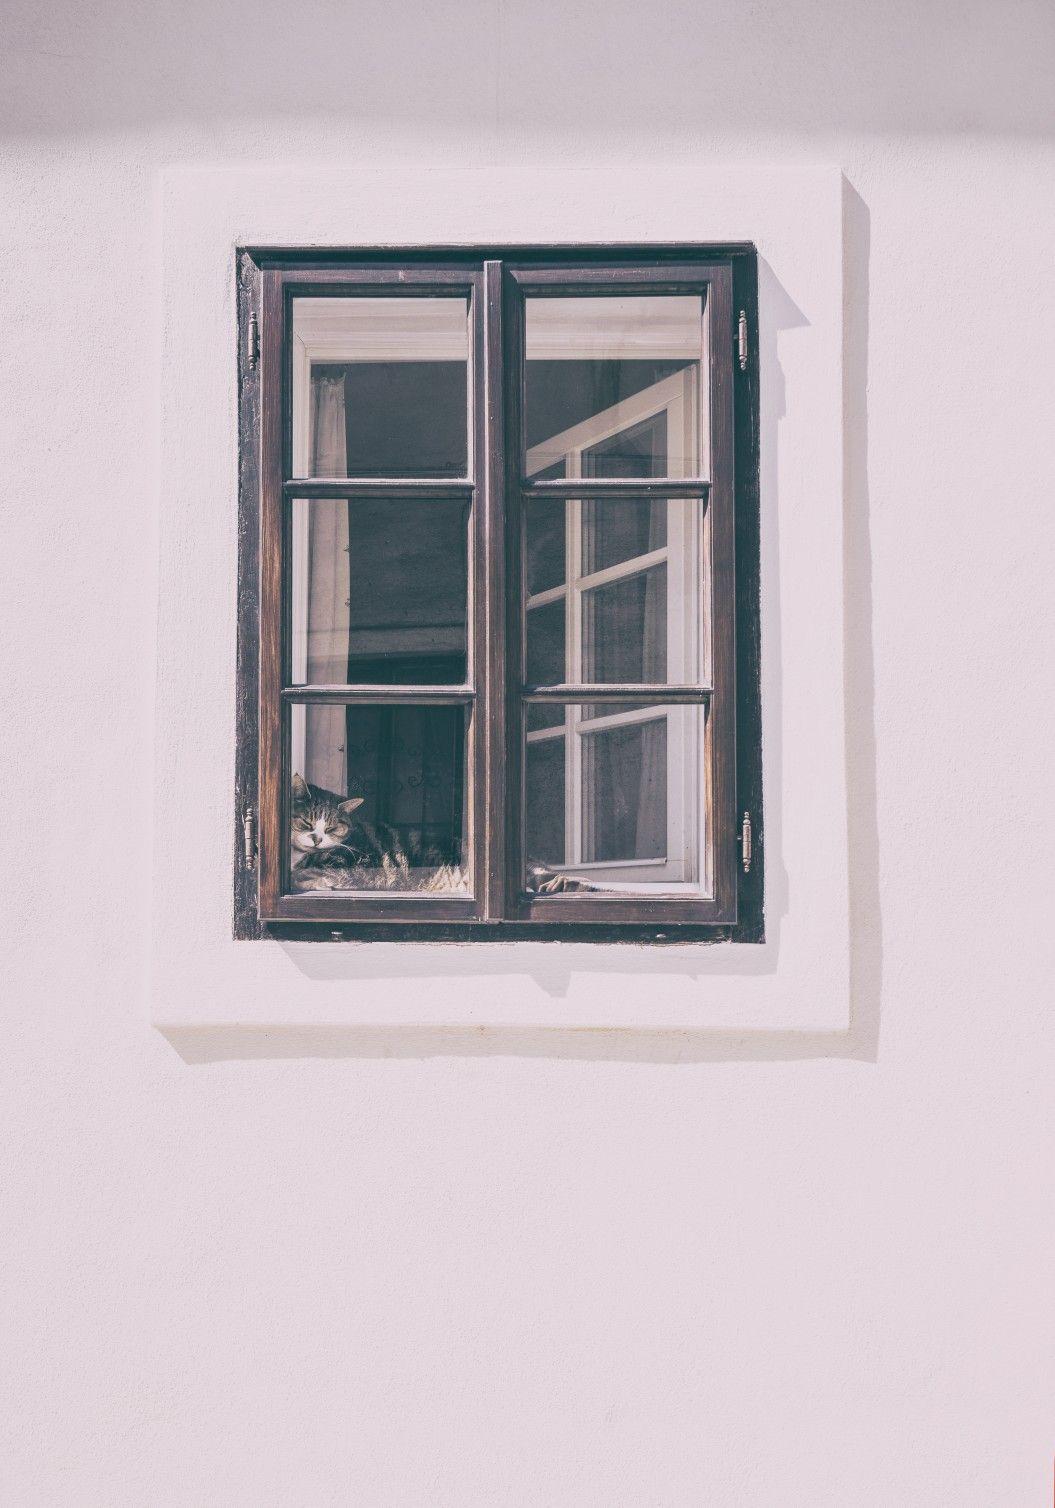 Full Size of Gebrauchte Holzfenster Mit Sprossen Fenster Sind Beliebt Und Modern Glasteilende Esstisch Stühlen Regal Schreibtisch Schlafzimmer Set Matratze Lattenrost Wohnzimmer Gebrauchte Holzfenster Mit Sprossen